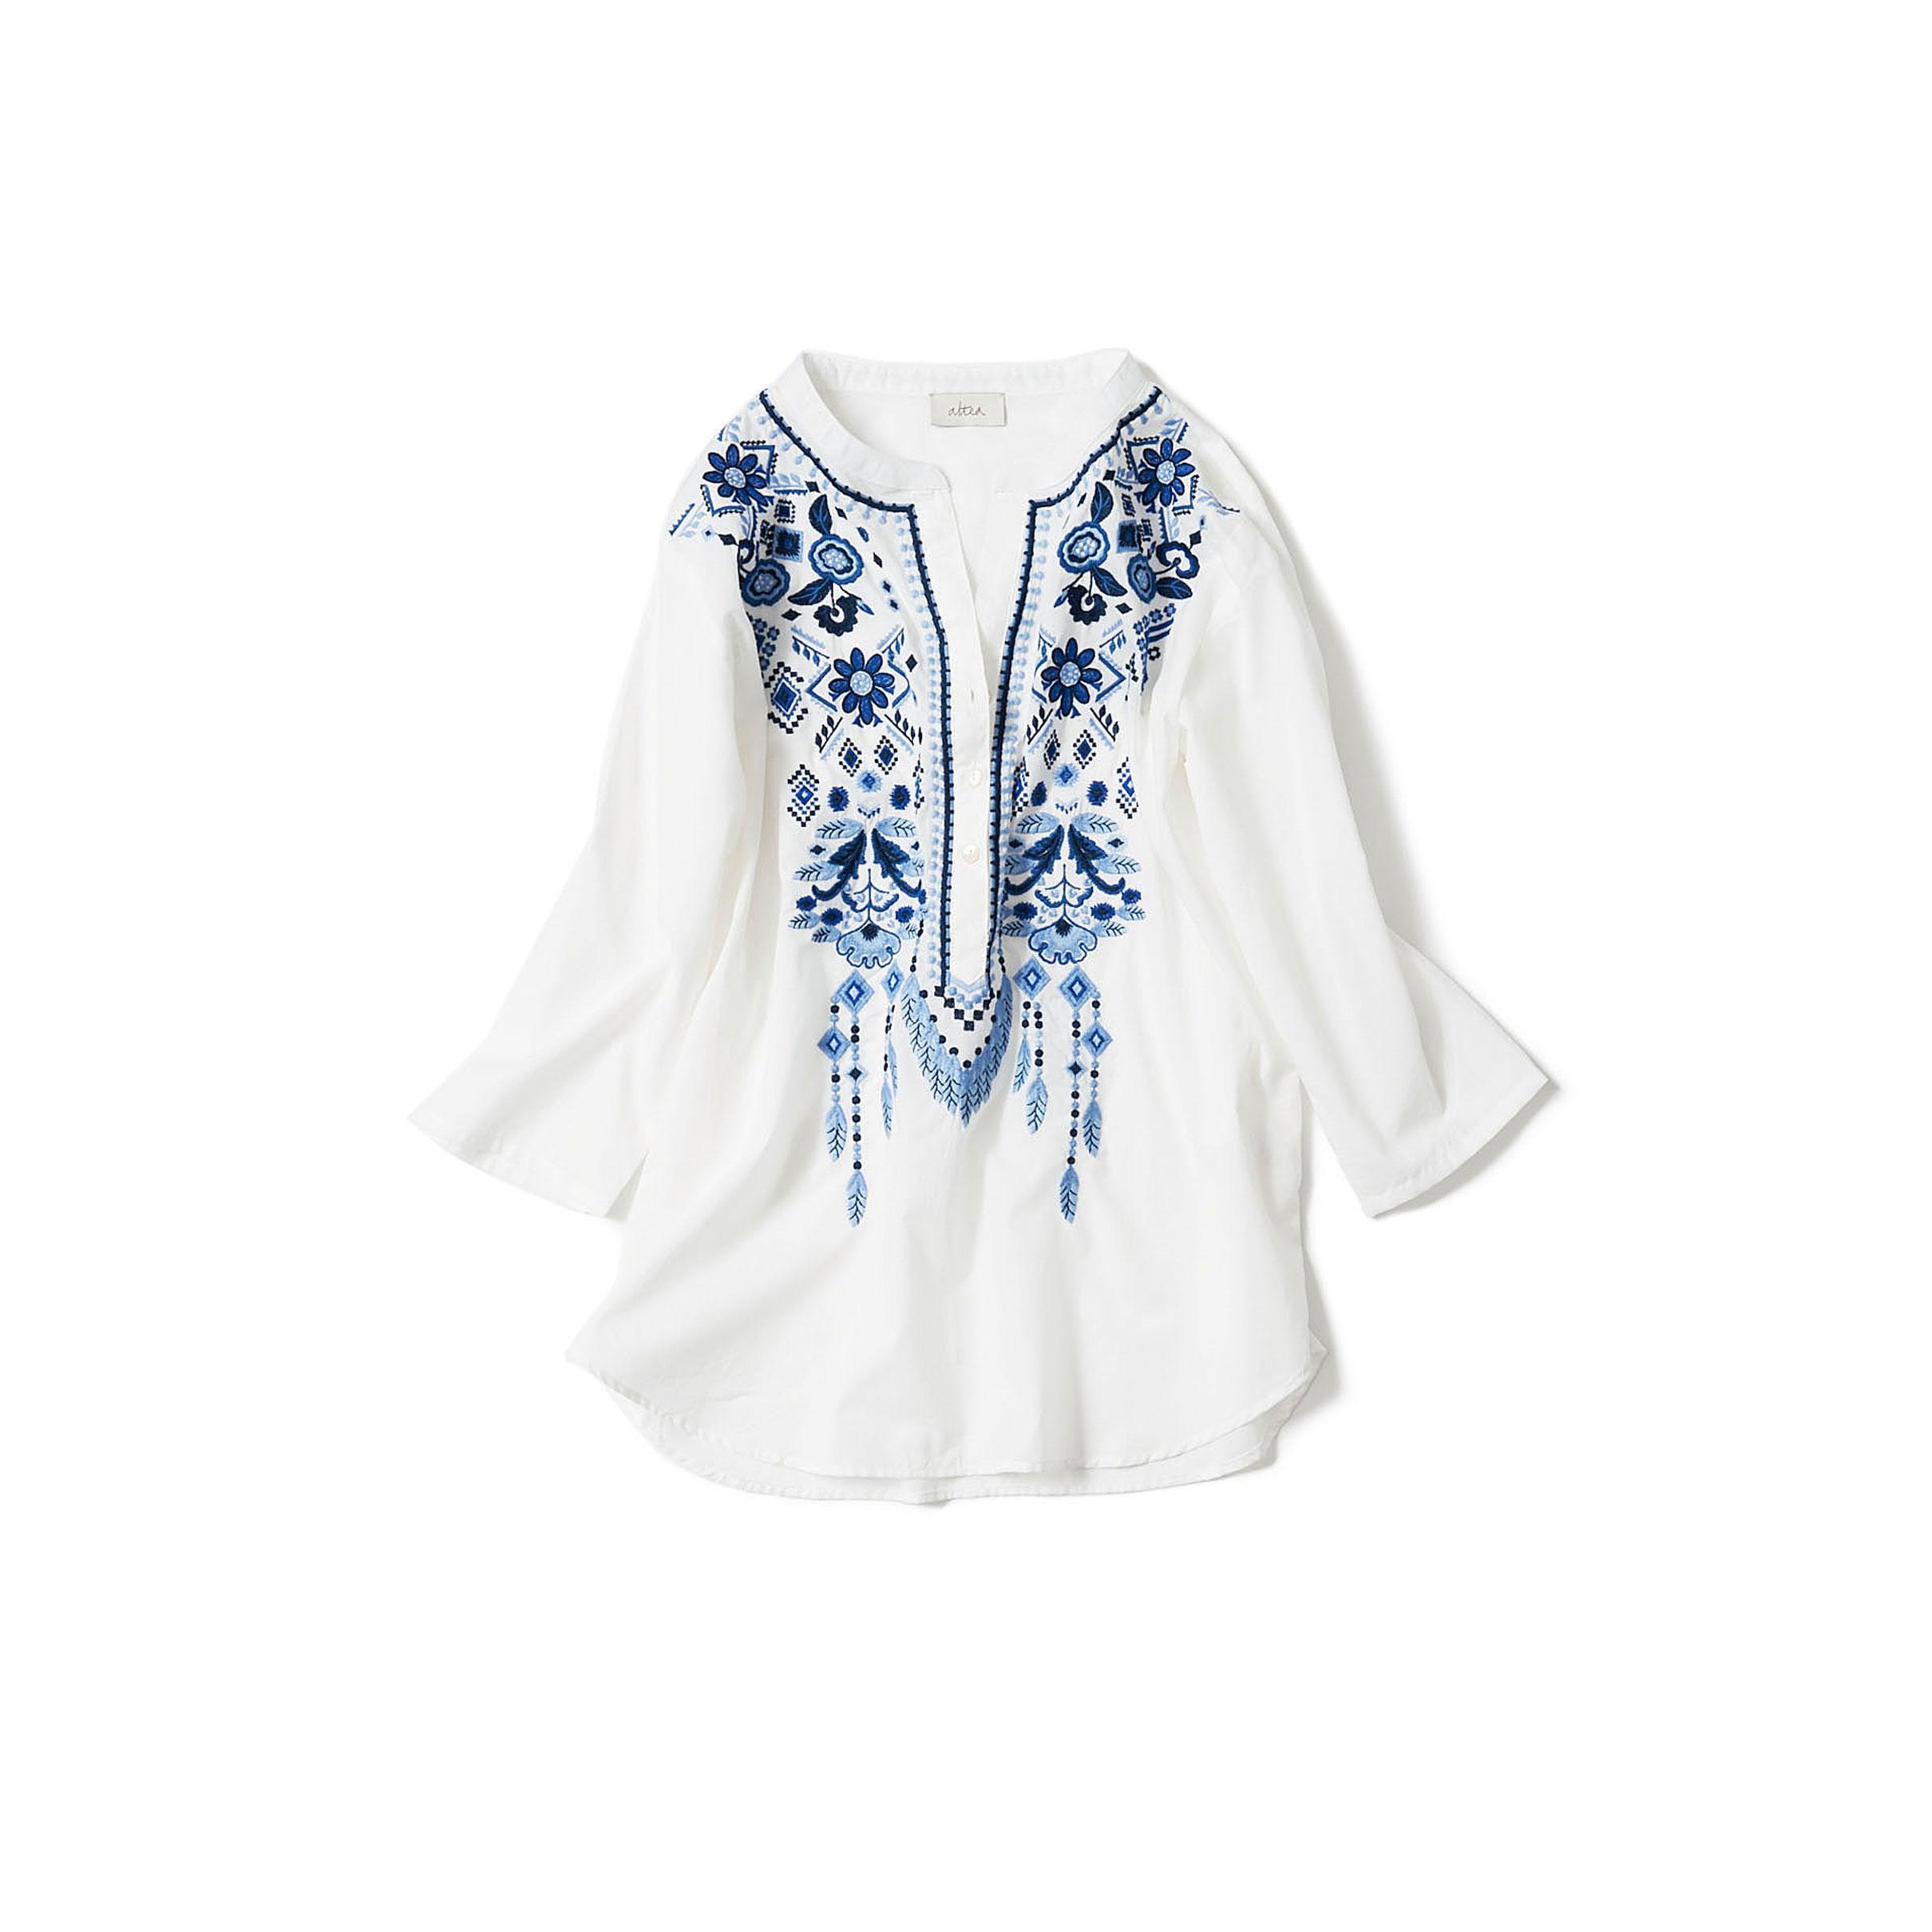 ブルー刺繍のカフタンシャツ